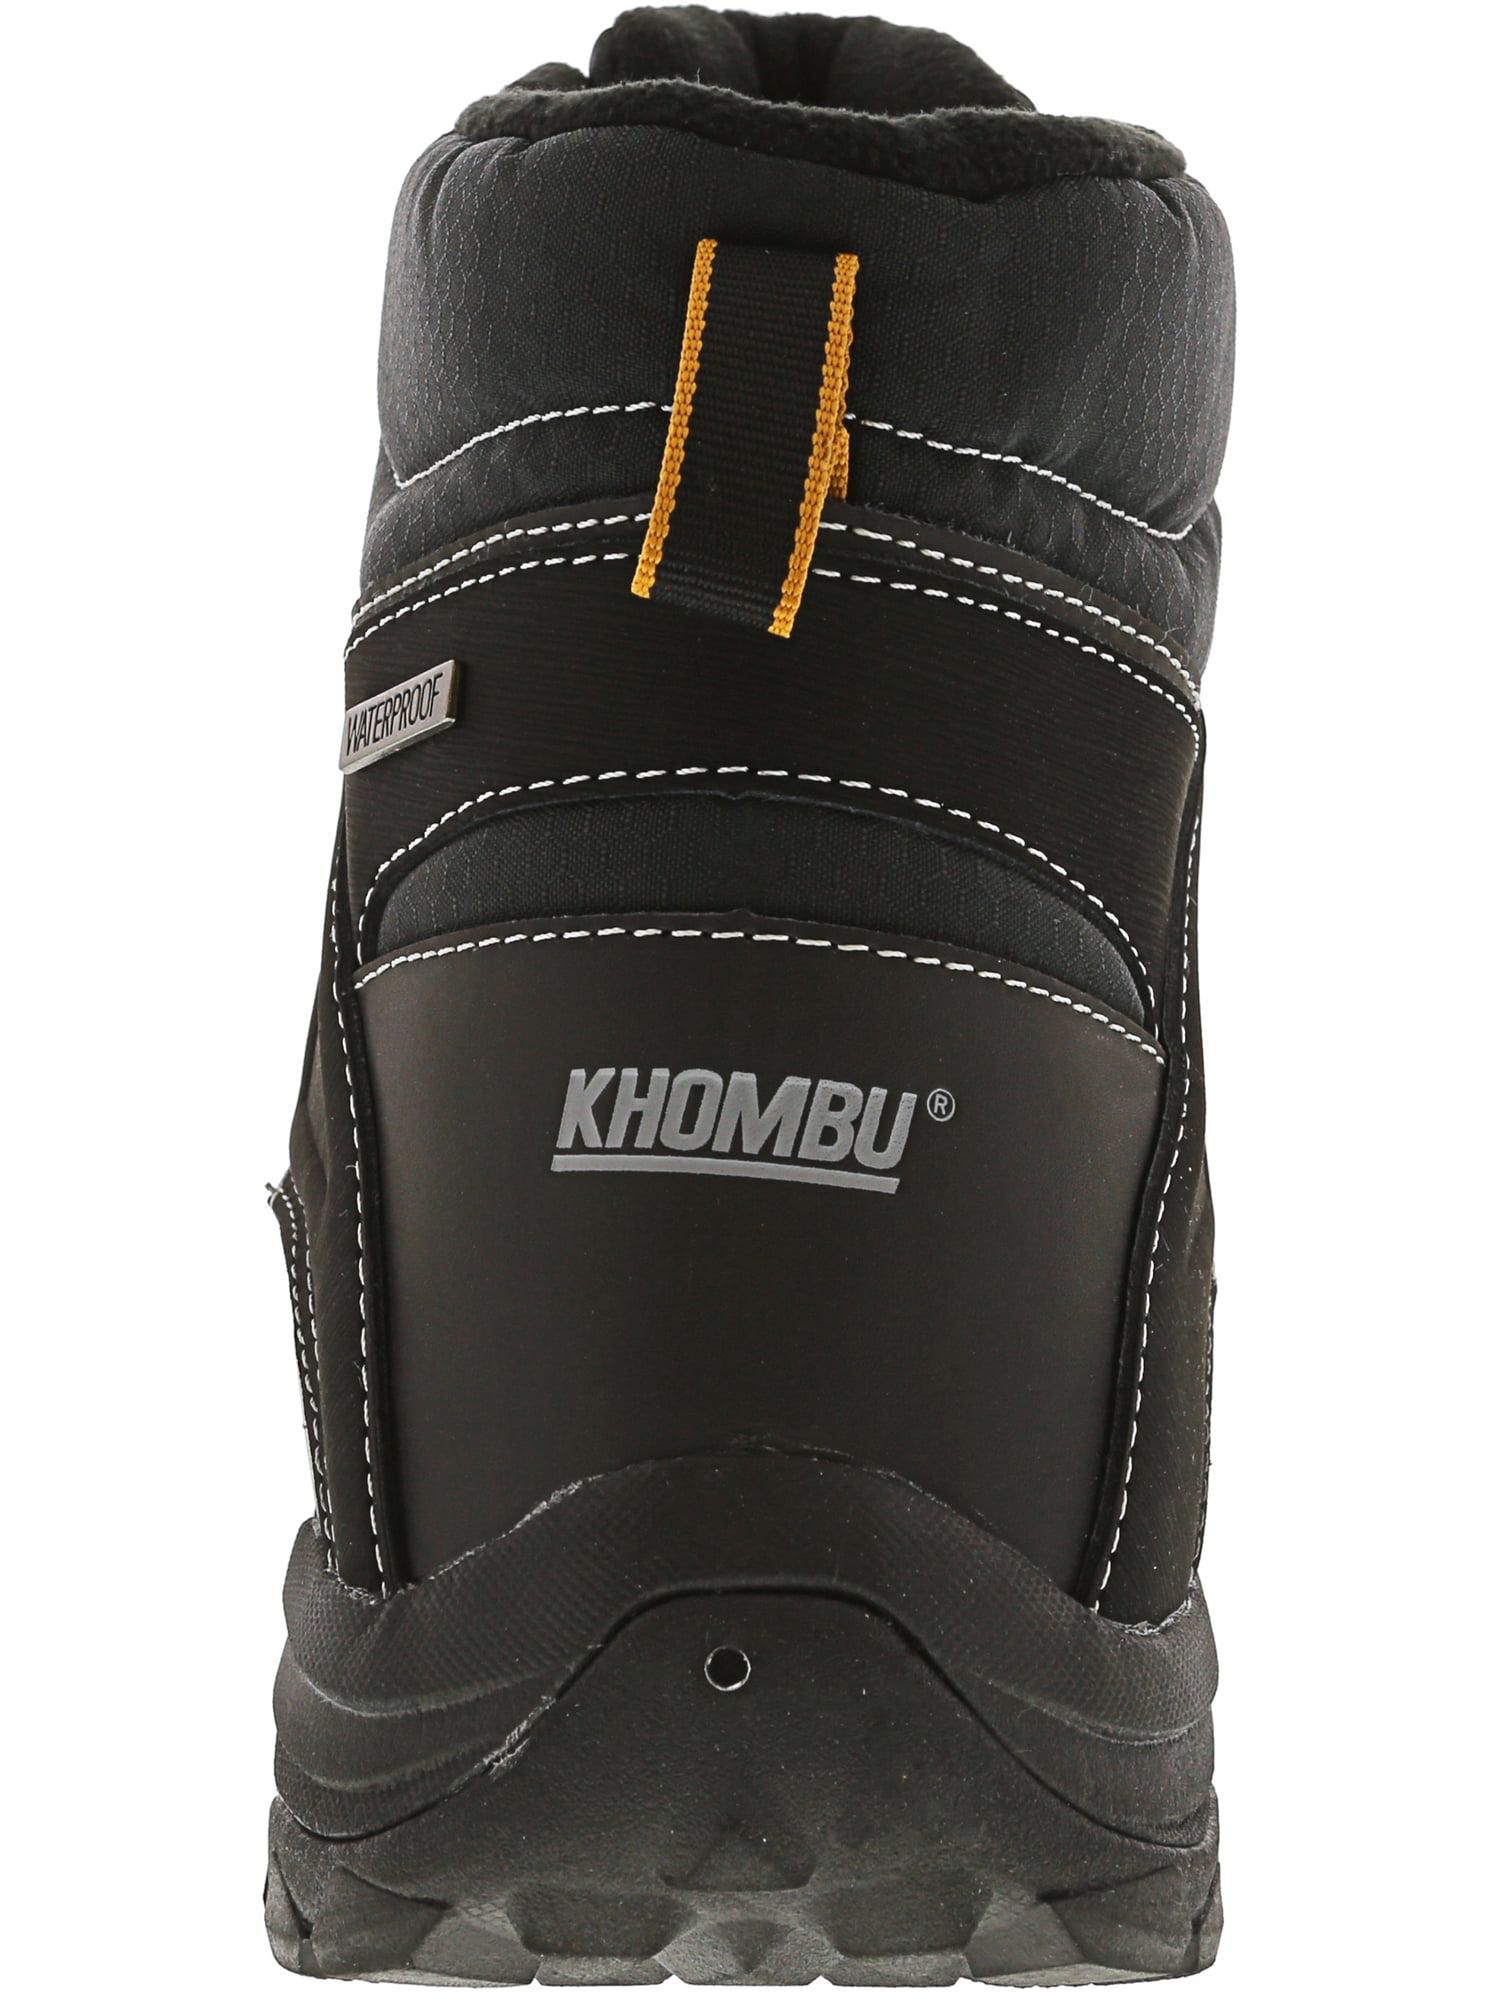 4c9179079858 Khombu - Khombu Men s Fitzroy Black Mid-Calf Snow Boot - 12M - Walmart.com